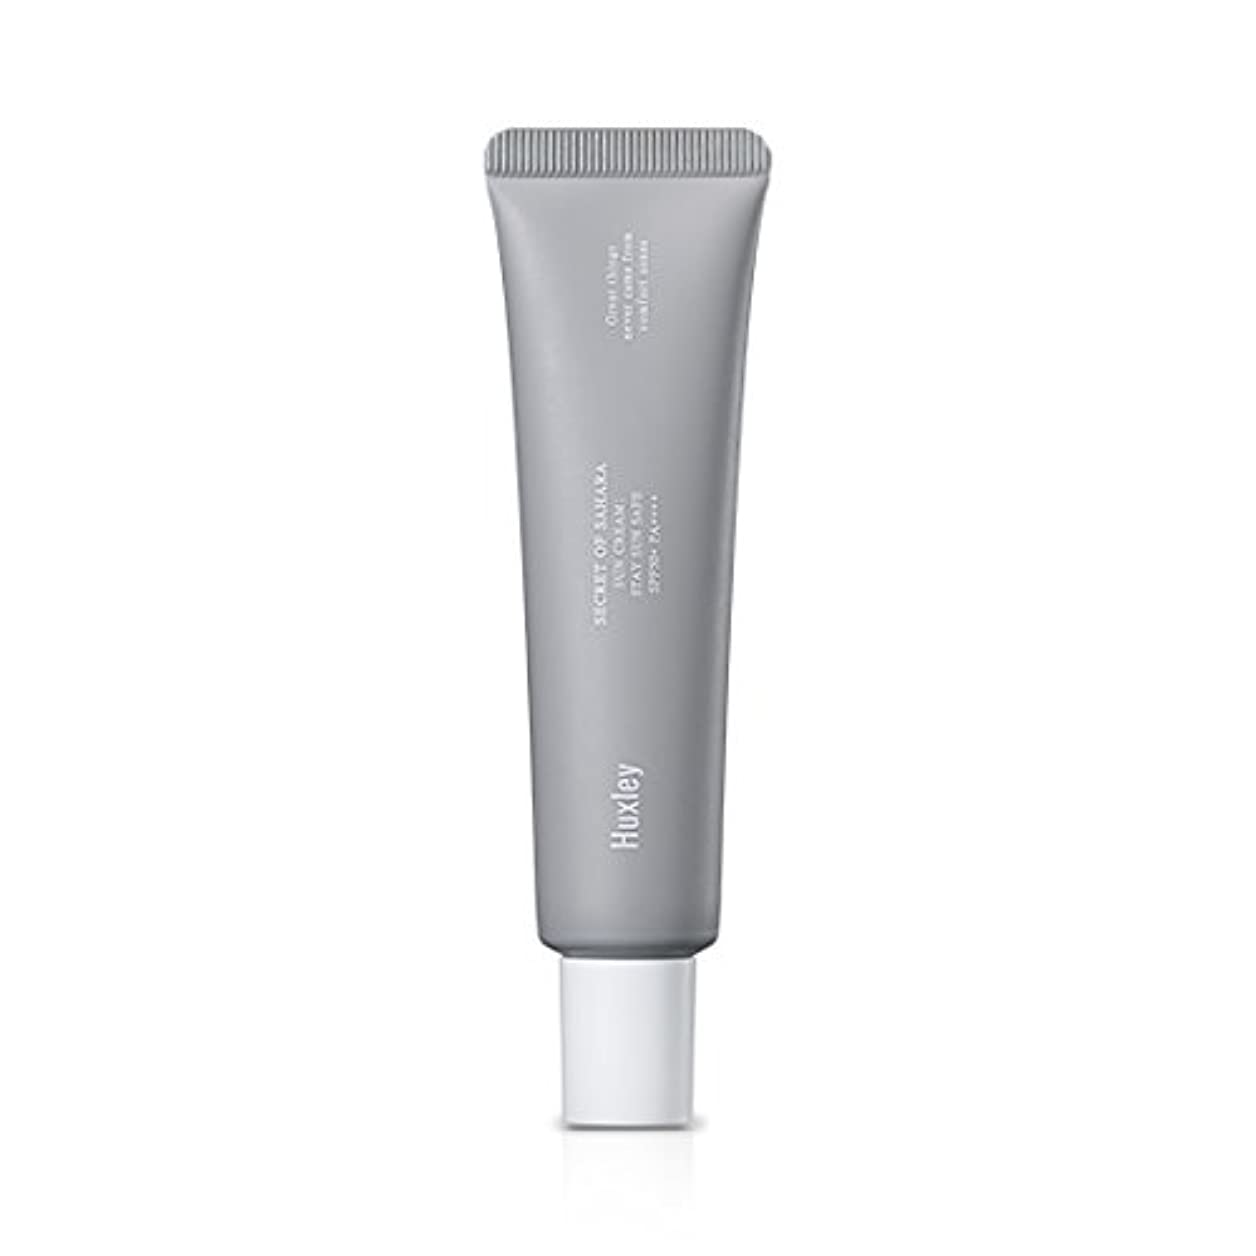 間に合わせ仕える祝福Huxley Sun Cream;Stay Sun Safe 35ml (SPF50+ PA++++)/ハクスリー サンクリーム;ステイ サン セーフ 35ml (SPF50+ PA++++) [並行輸入品]